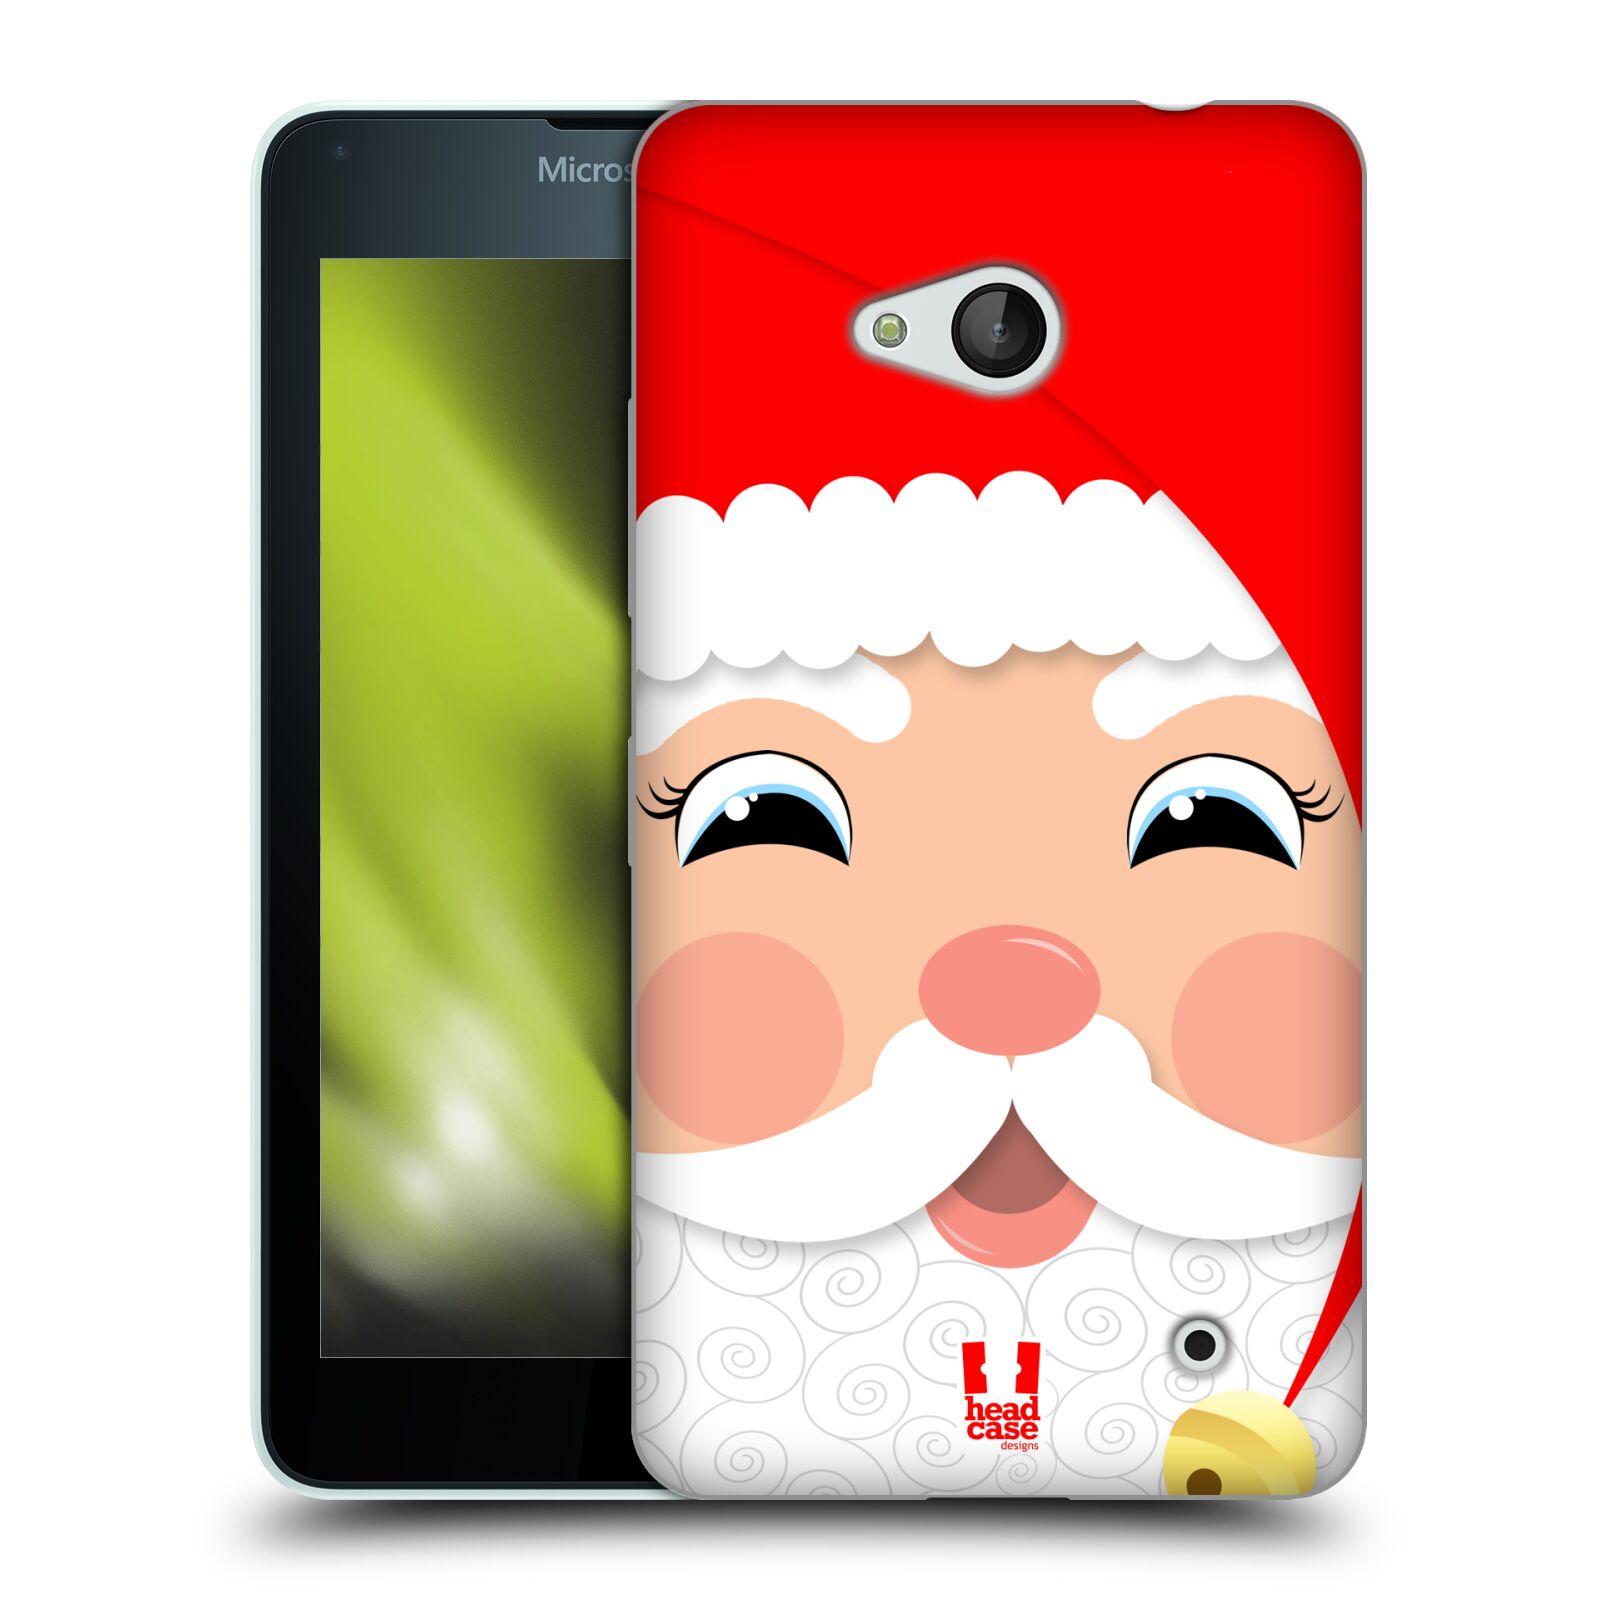 HEAD CASE silikonový obal na mobil Microsoft / Nokia Lumia 640 / Lumia 640 DUAL vzor Vánoční tváře kreslené SANTA CLAUS